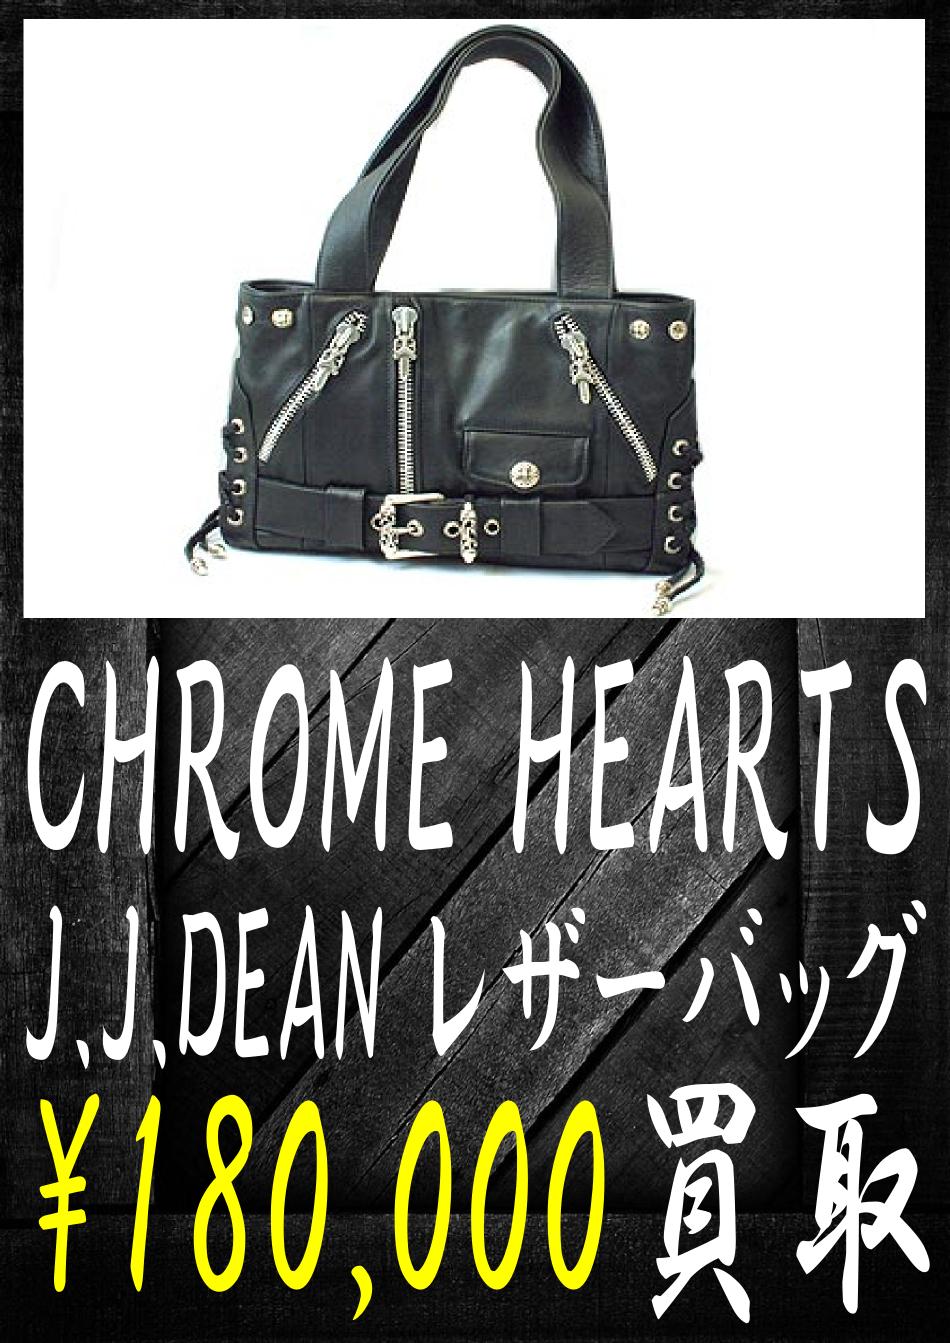 クロムハーツのJJ-DEAN-レザーバッグ-180000円買取です。